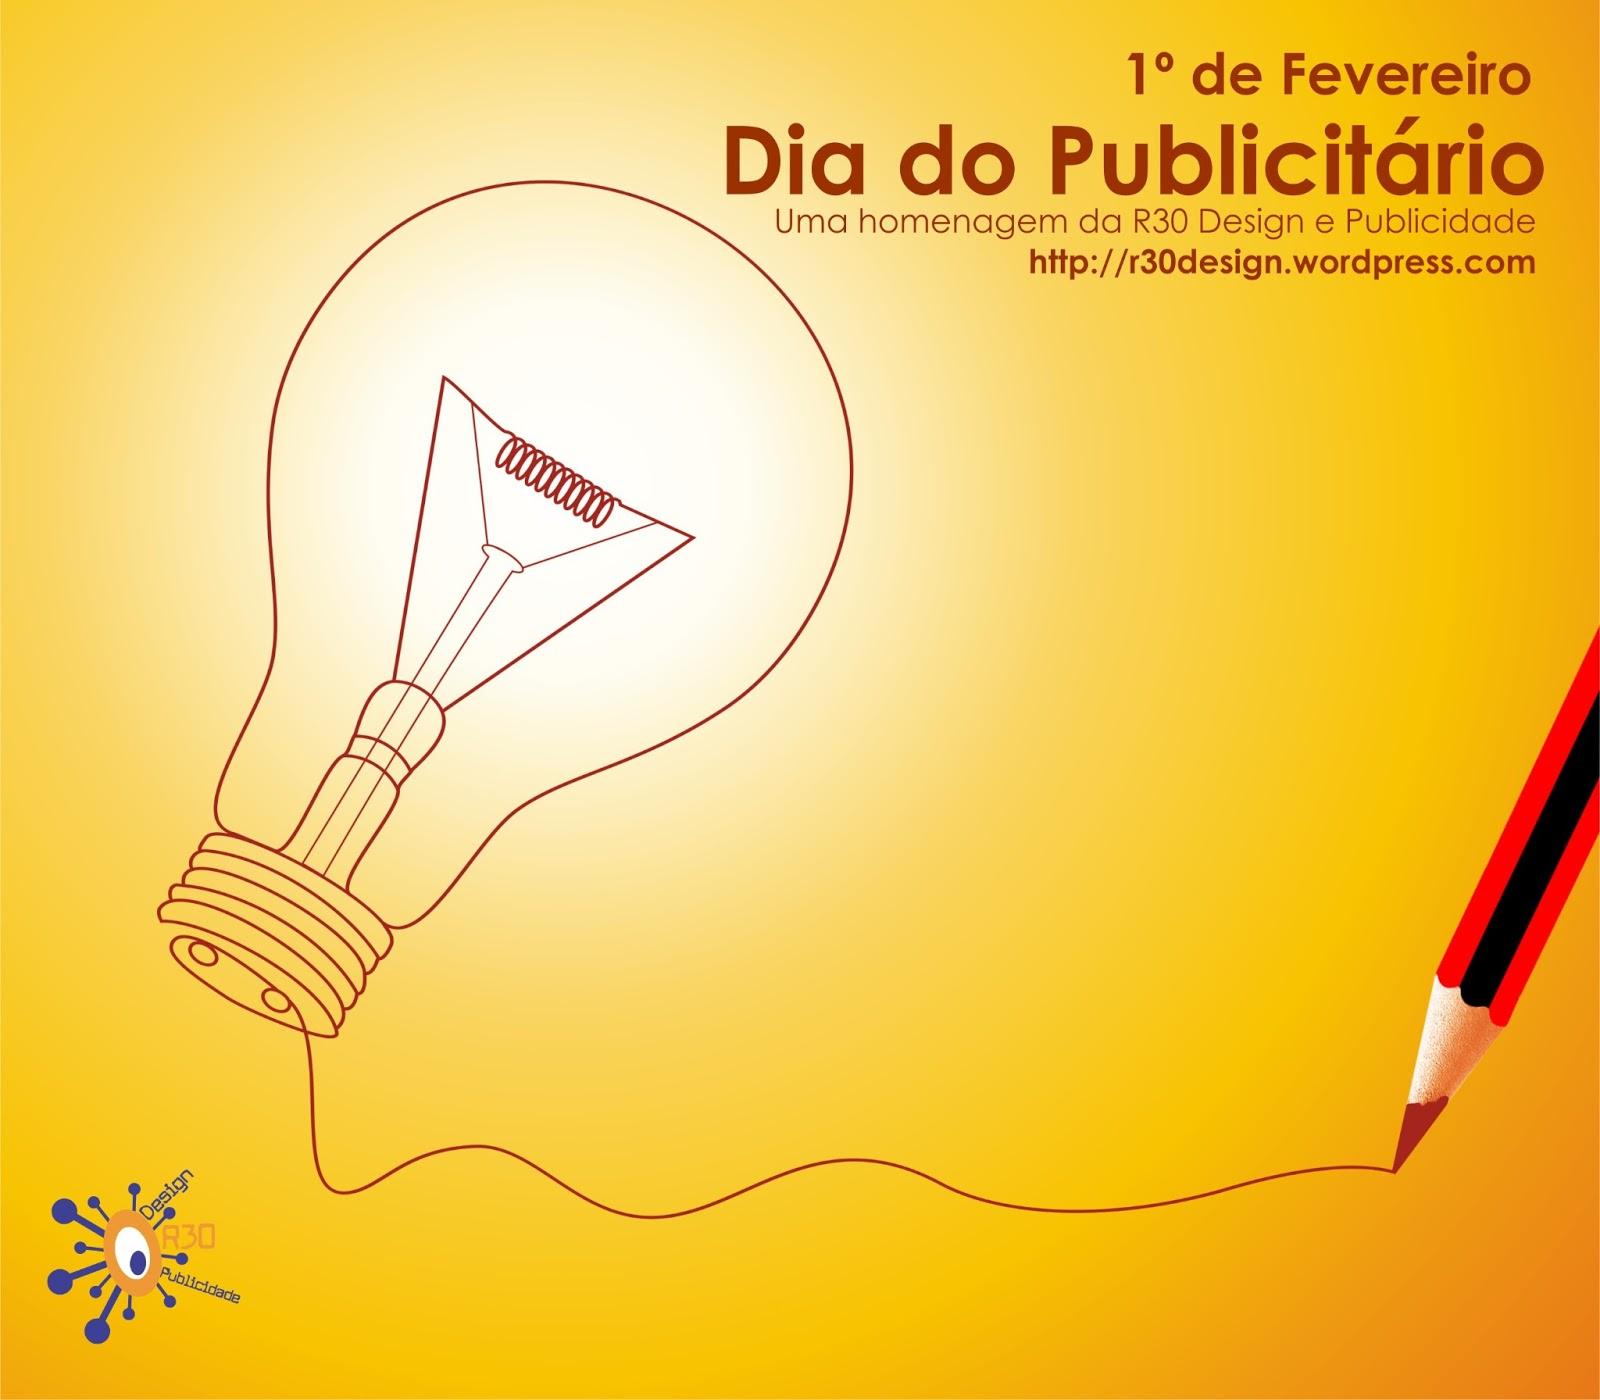 dia do Publicitário